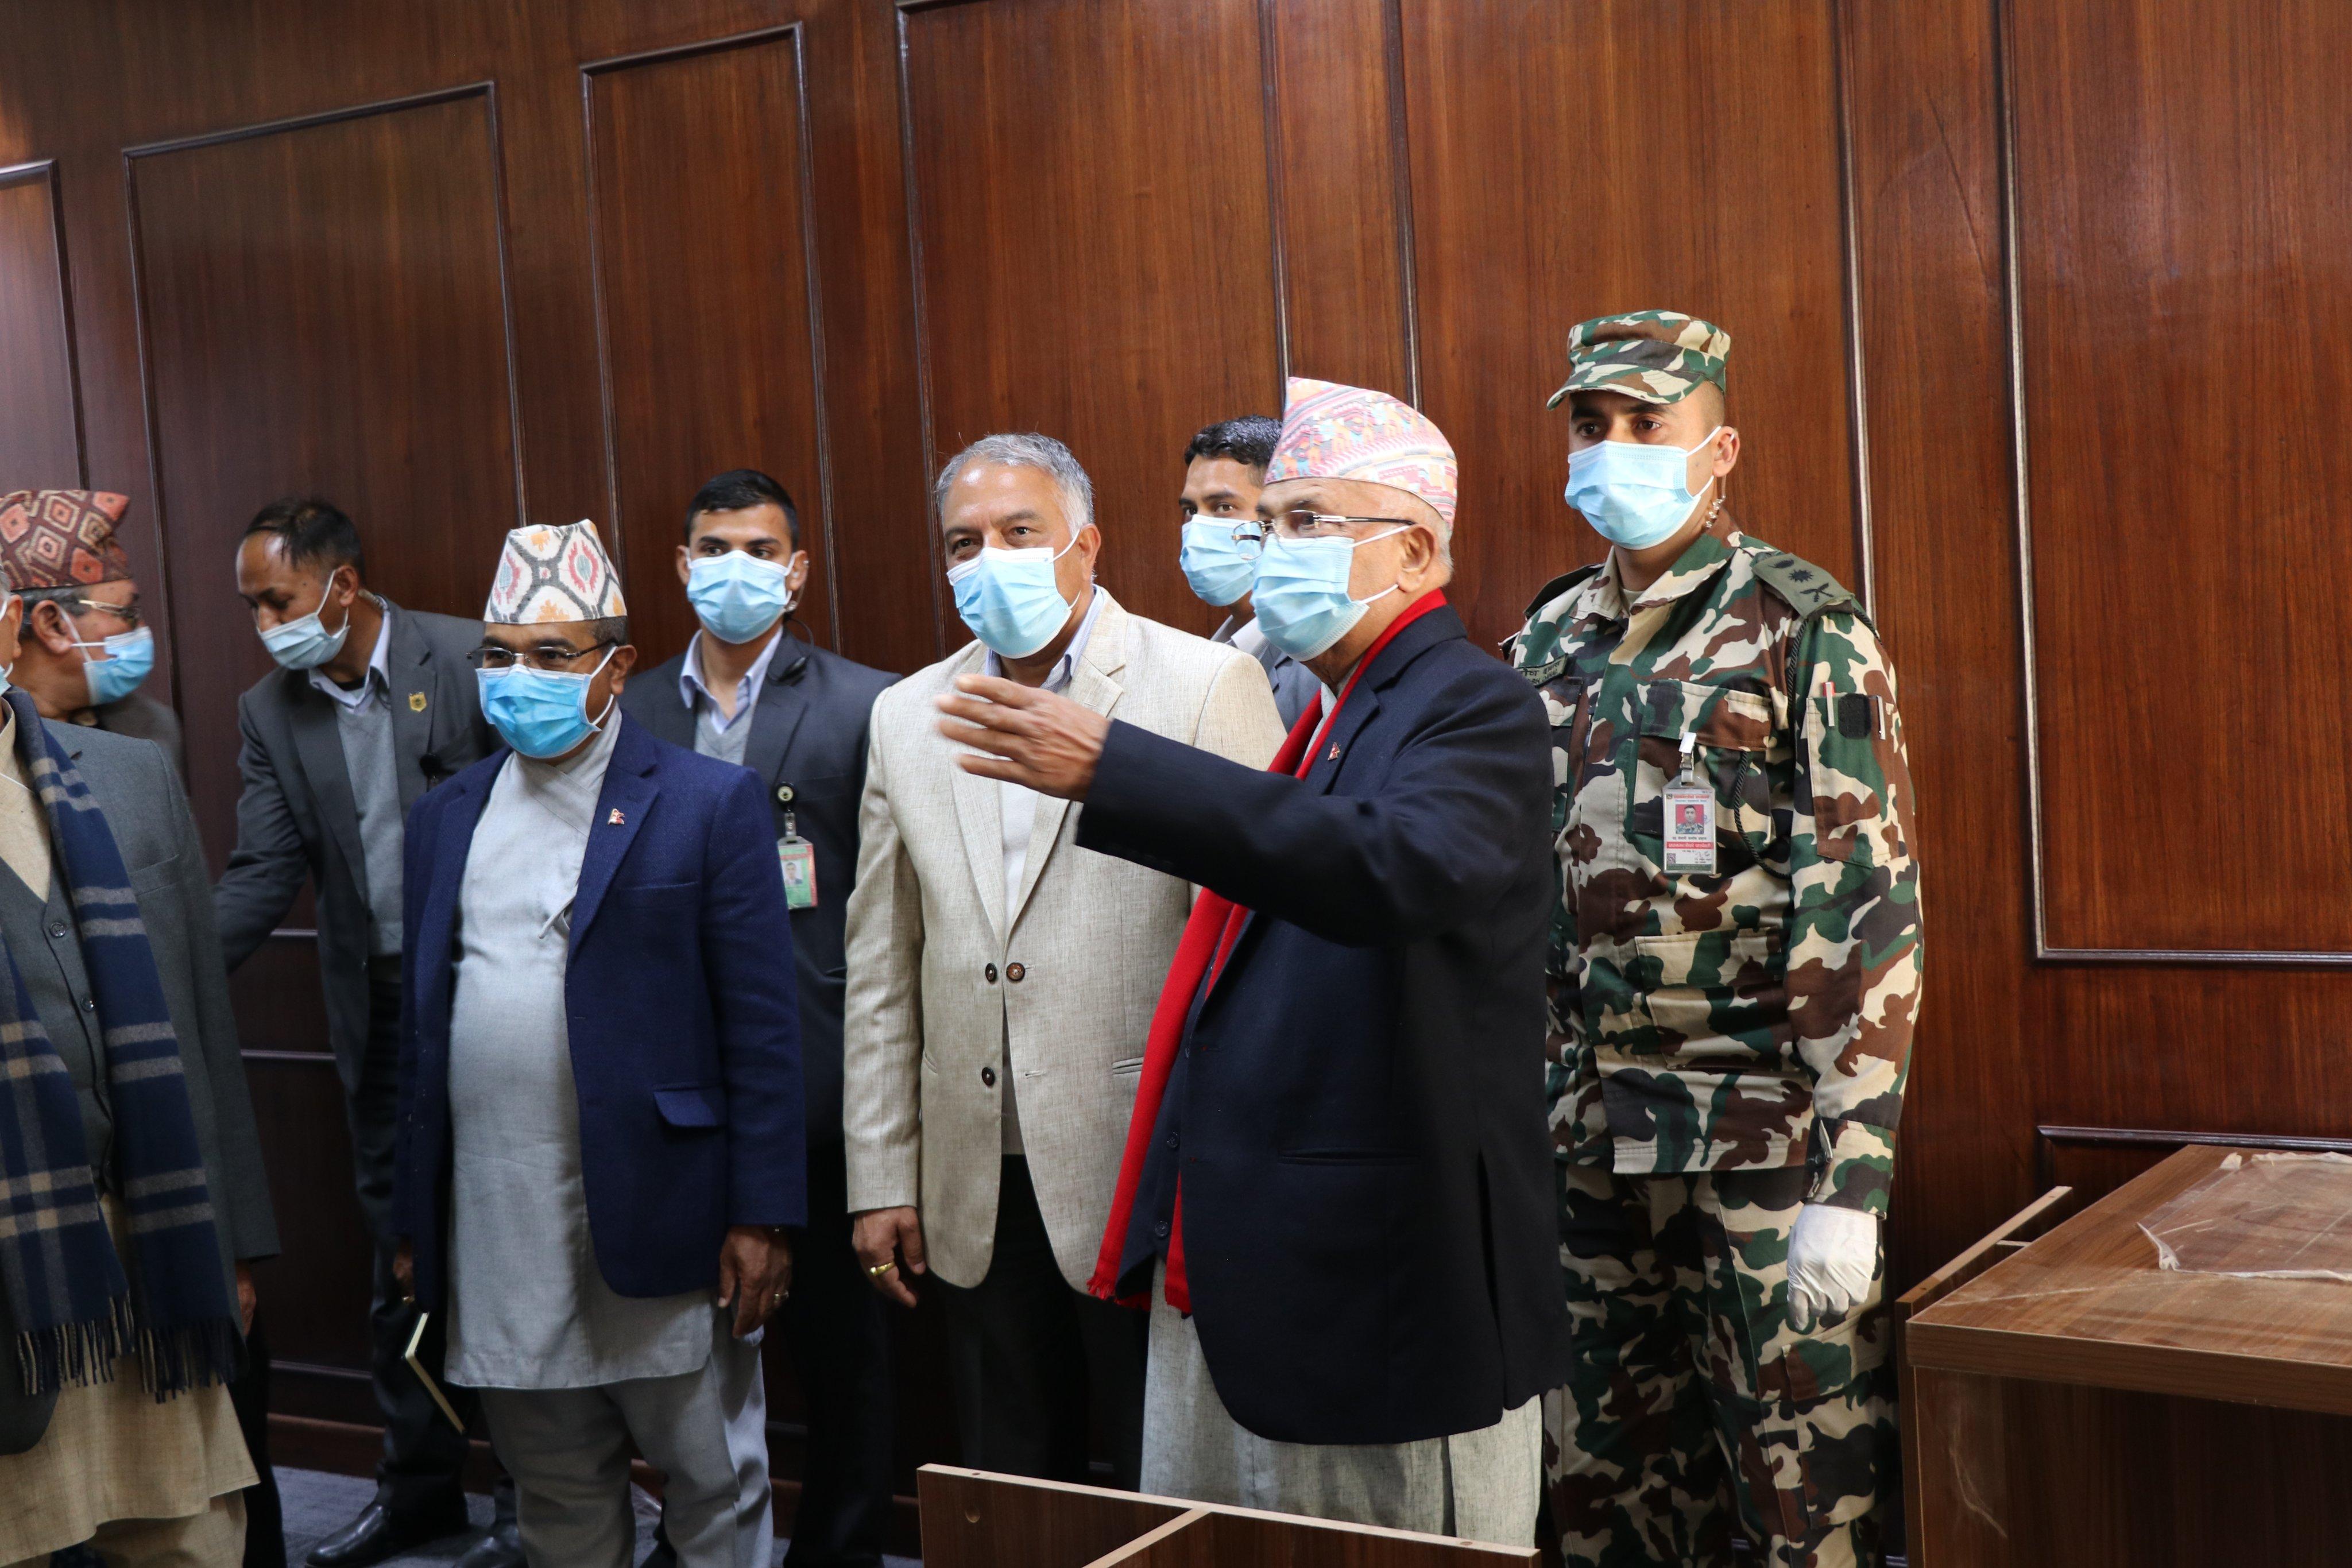 सम्माननीय प्रधानमन्त्री केपी शर्मा ओलीद्वारा  प्रवलीकरण सम्पन्न सिंहदरबारको अवलोकन ।